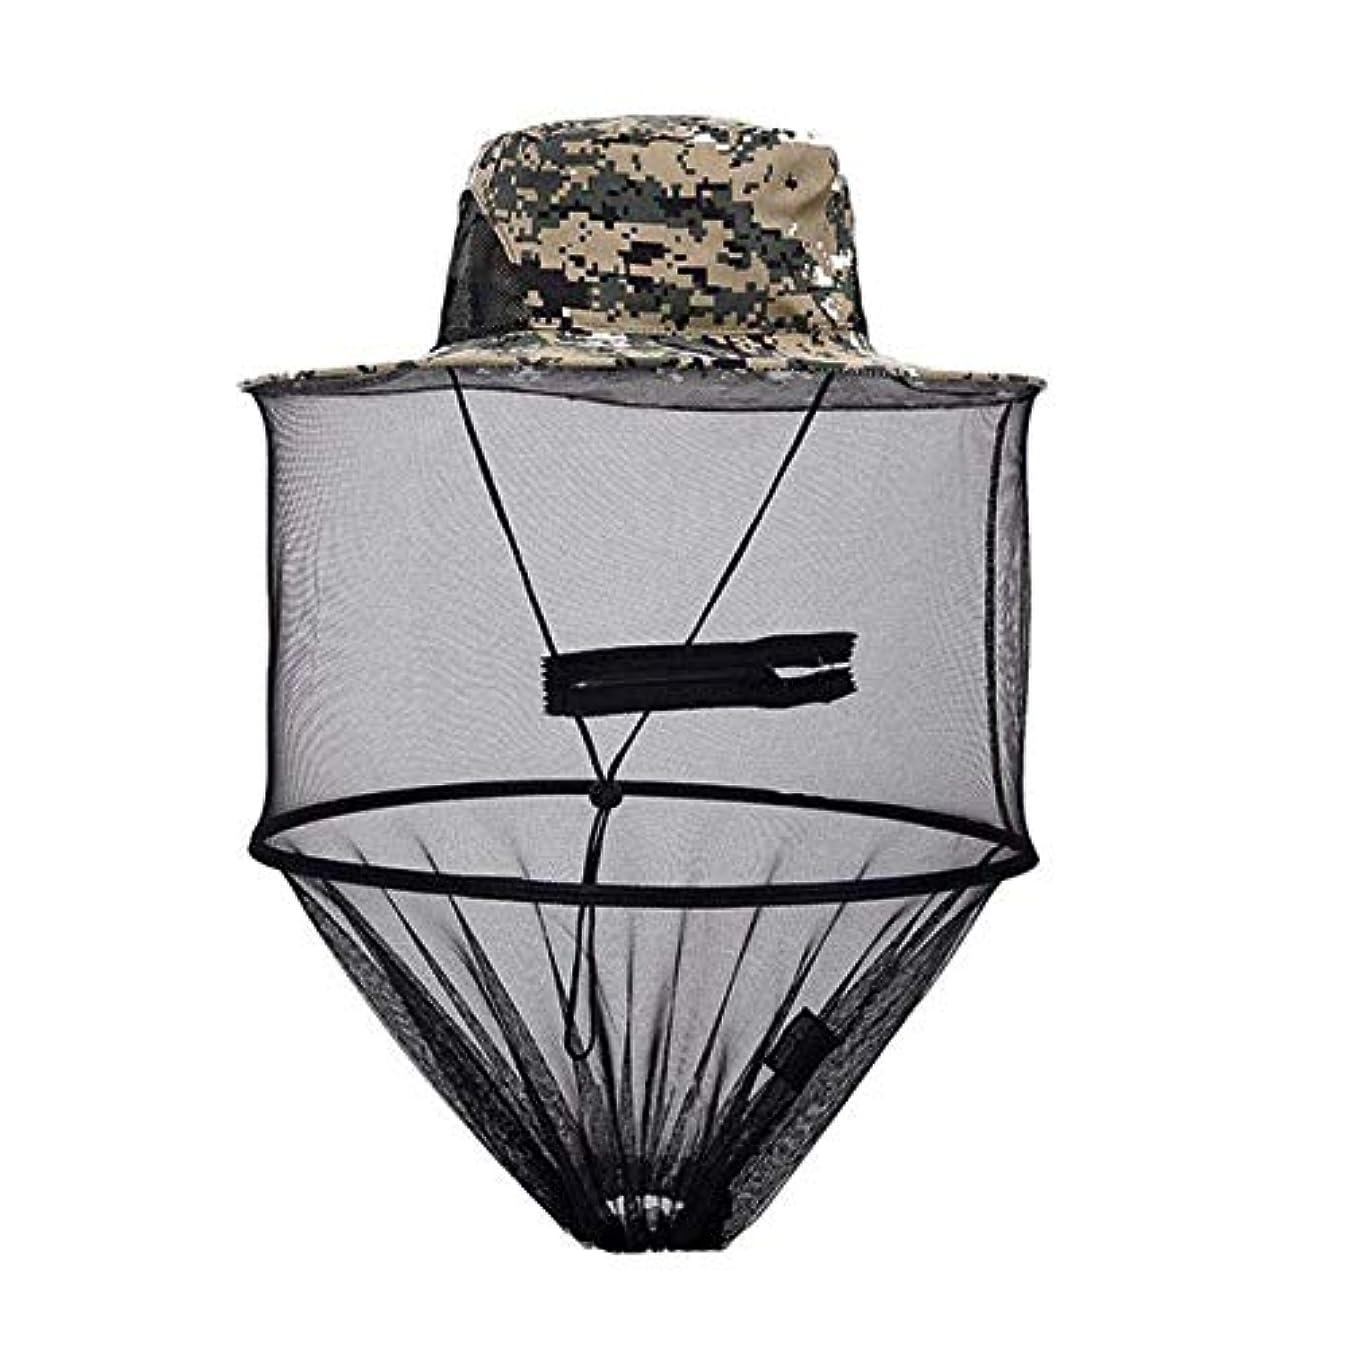 細胞説教ひどくSaikogoods アウトドアキャンプハイキング狩猟のためにネットメッシュ?ヘッドフェイスプロテクター 釣りの帽子蚊キャップ ミッジフライバグ昆虫蜂ハット デジタル迷彩